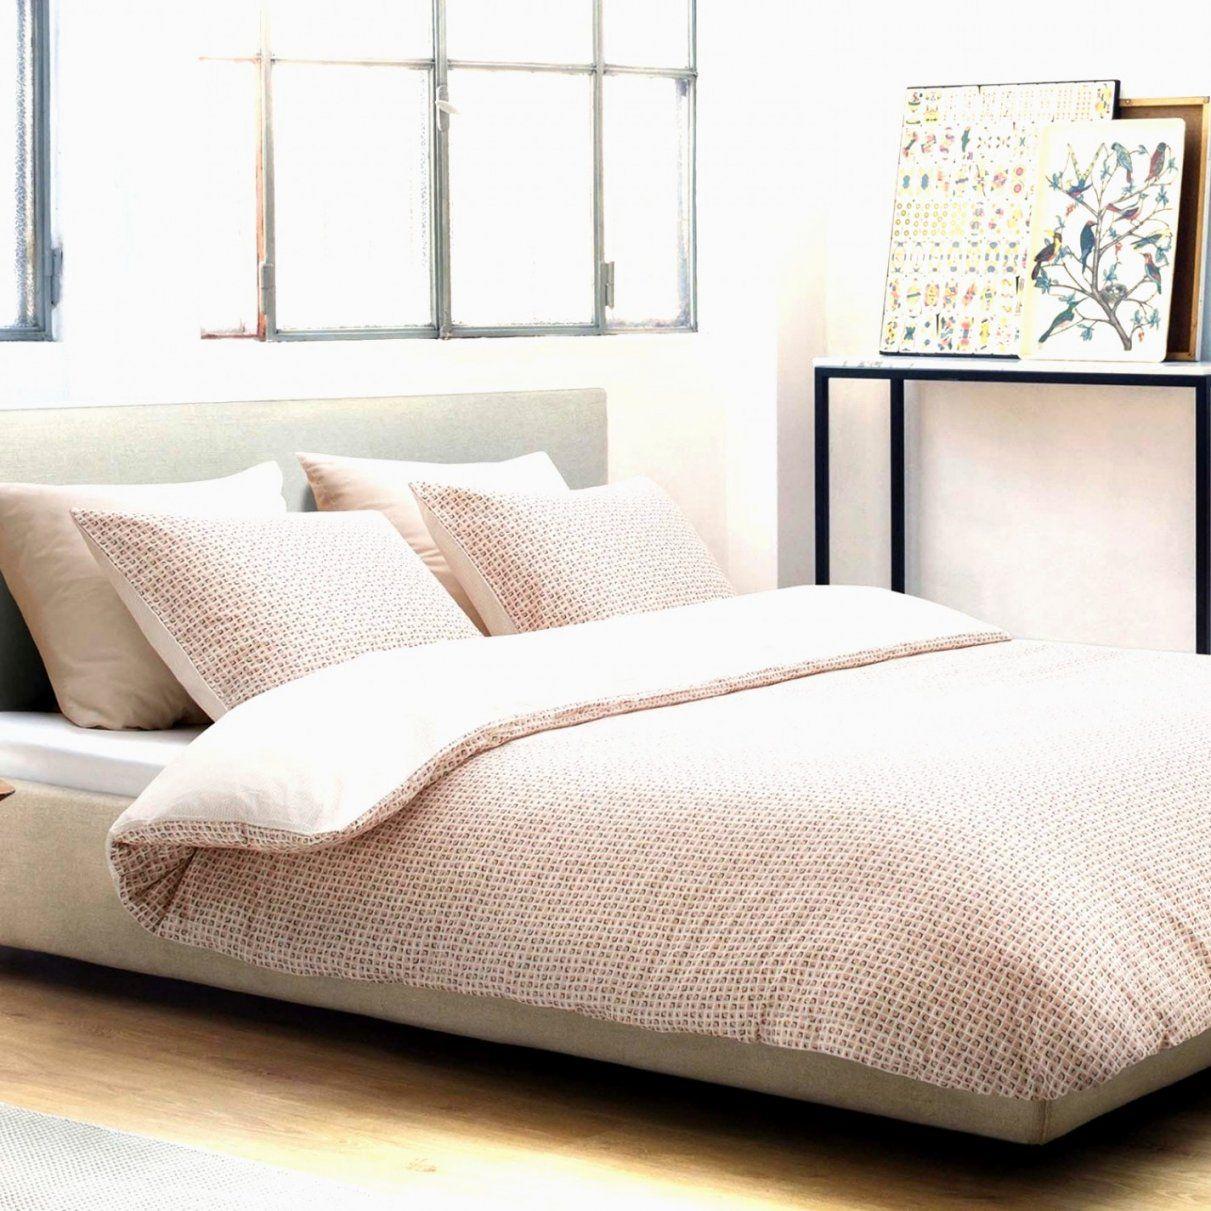 Schön Bettwäsche Günstig Online Kaufen Ikea Zum Bettwäsche von Ikea Leinen Bettwäsche Bild